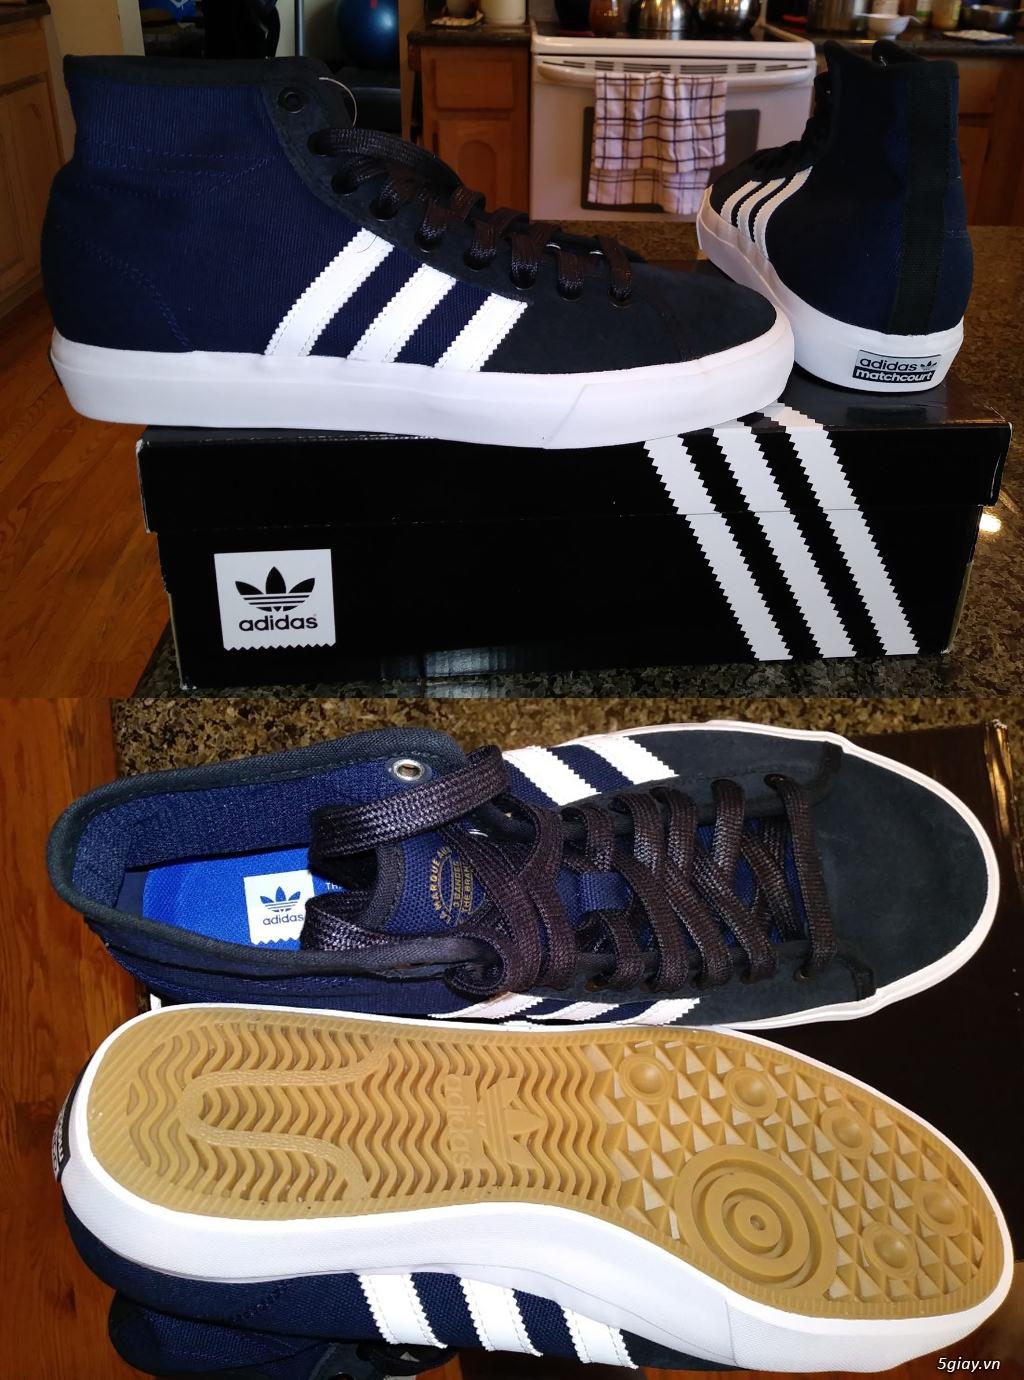 Mình xách/gửi giày Nike, Skechers, Reebok, Polo, Converse, v.v. từ Mỹ. - 22